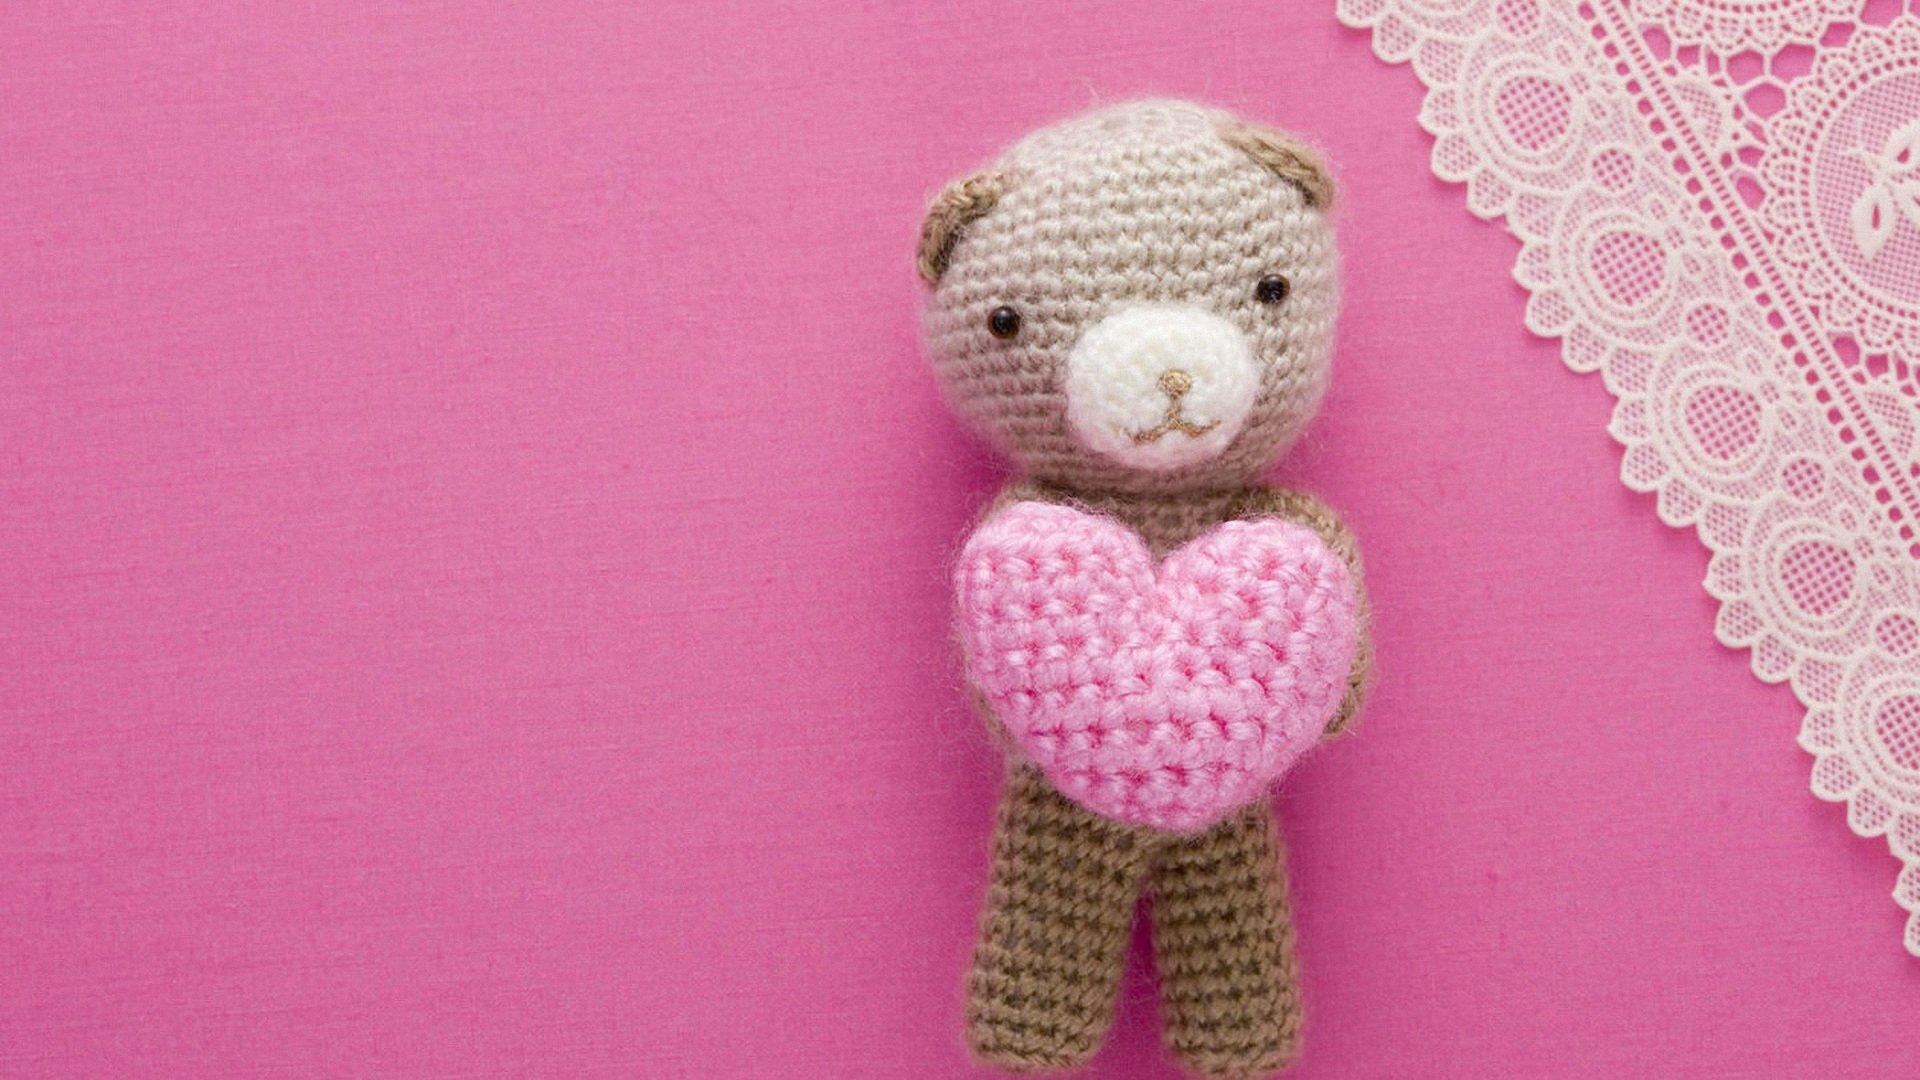 可爱的毛线小熊抱着粉色爱心ppt背景图片  上一页:精选绿色护眼小清新